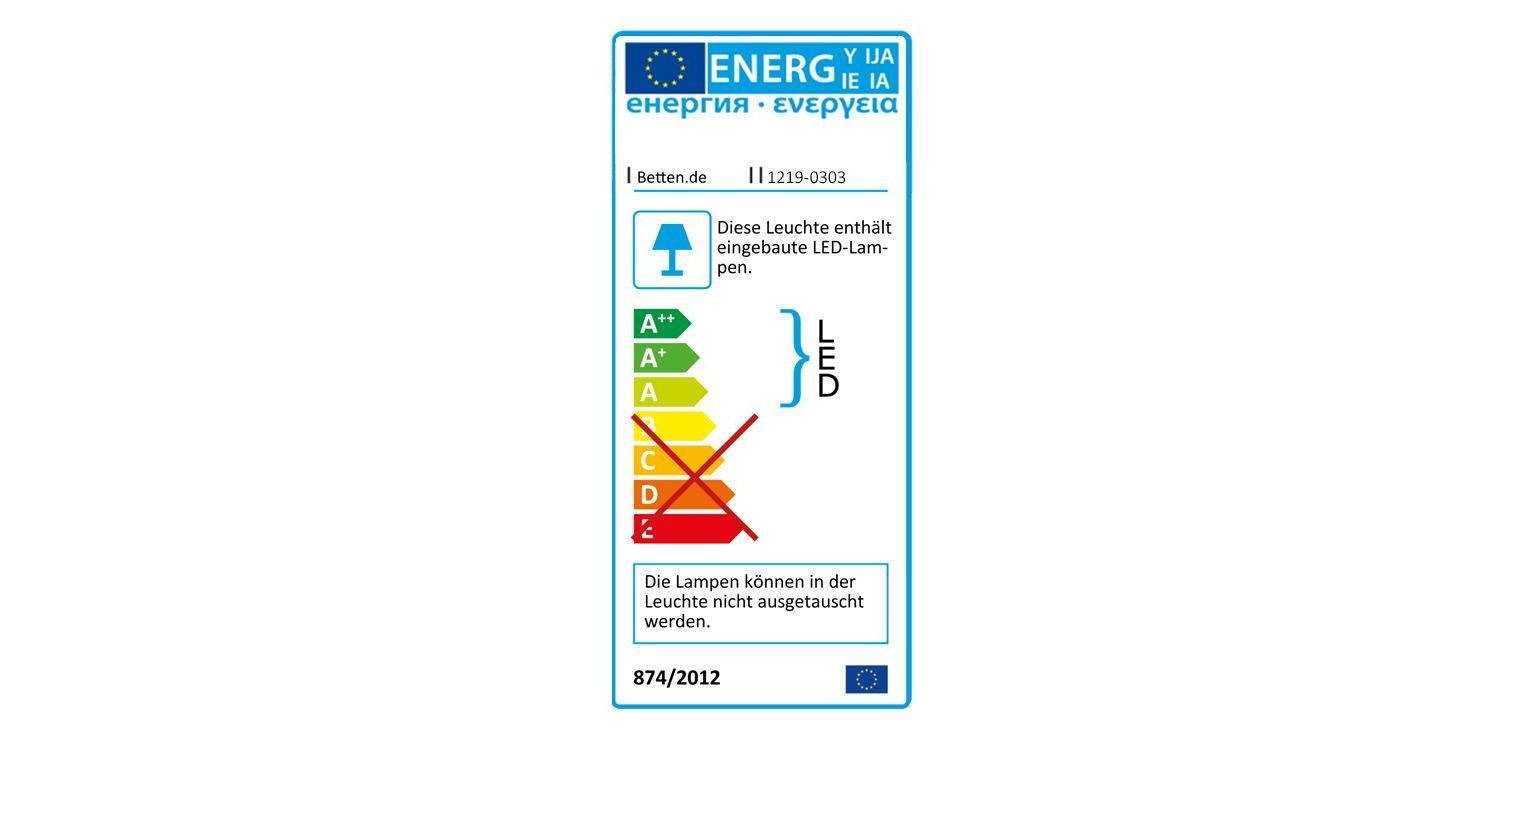 Schminktisch Dolavon mit Energieverbrauchs-Angabe zur Beleuchtung